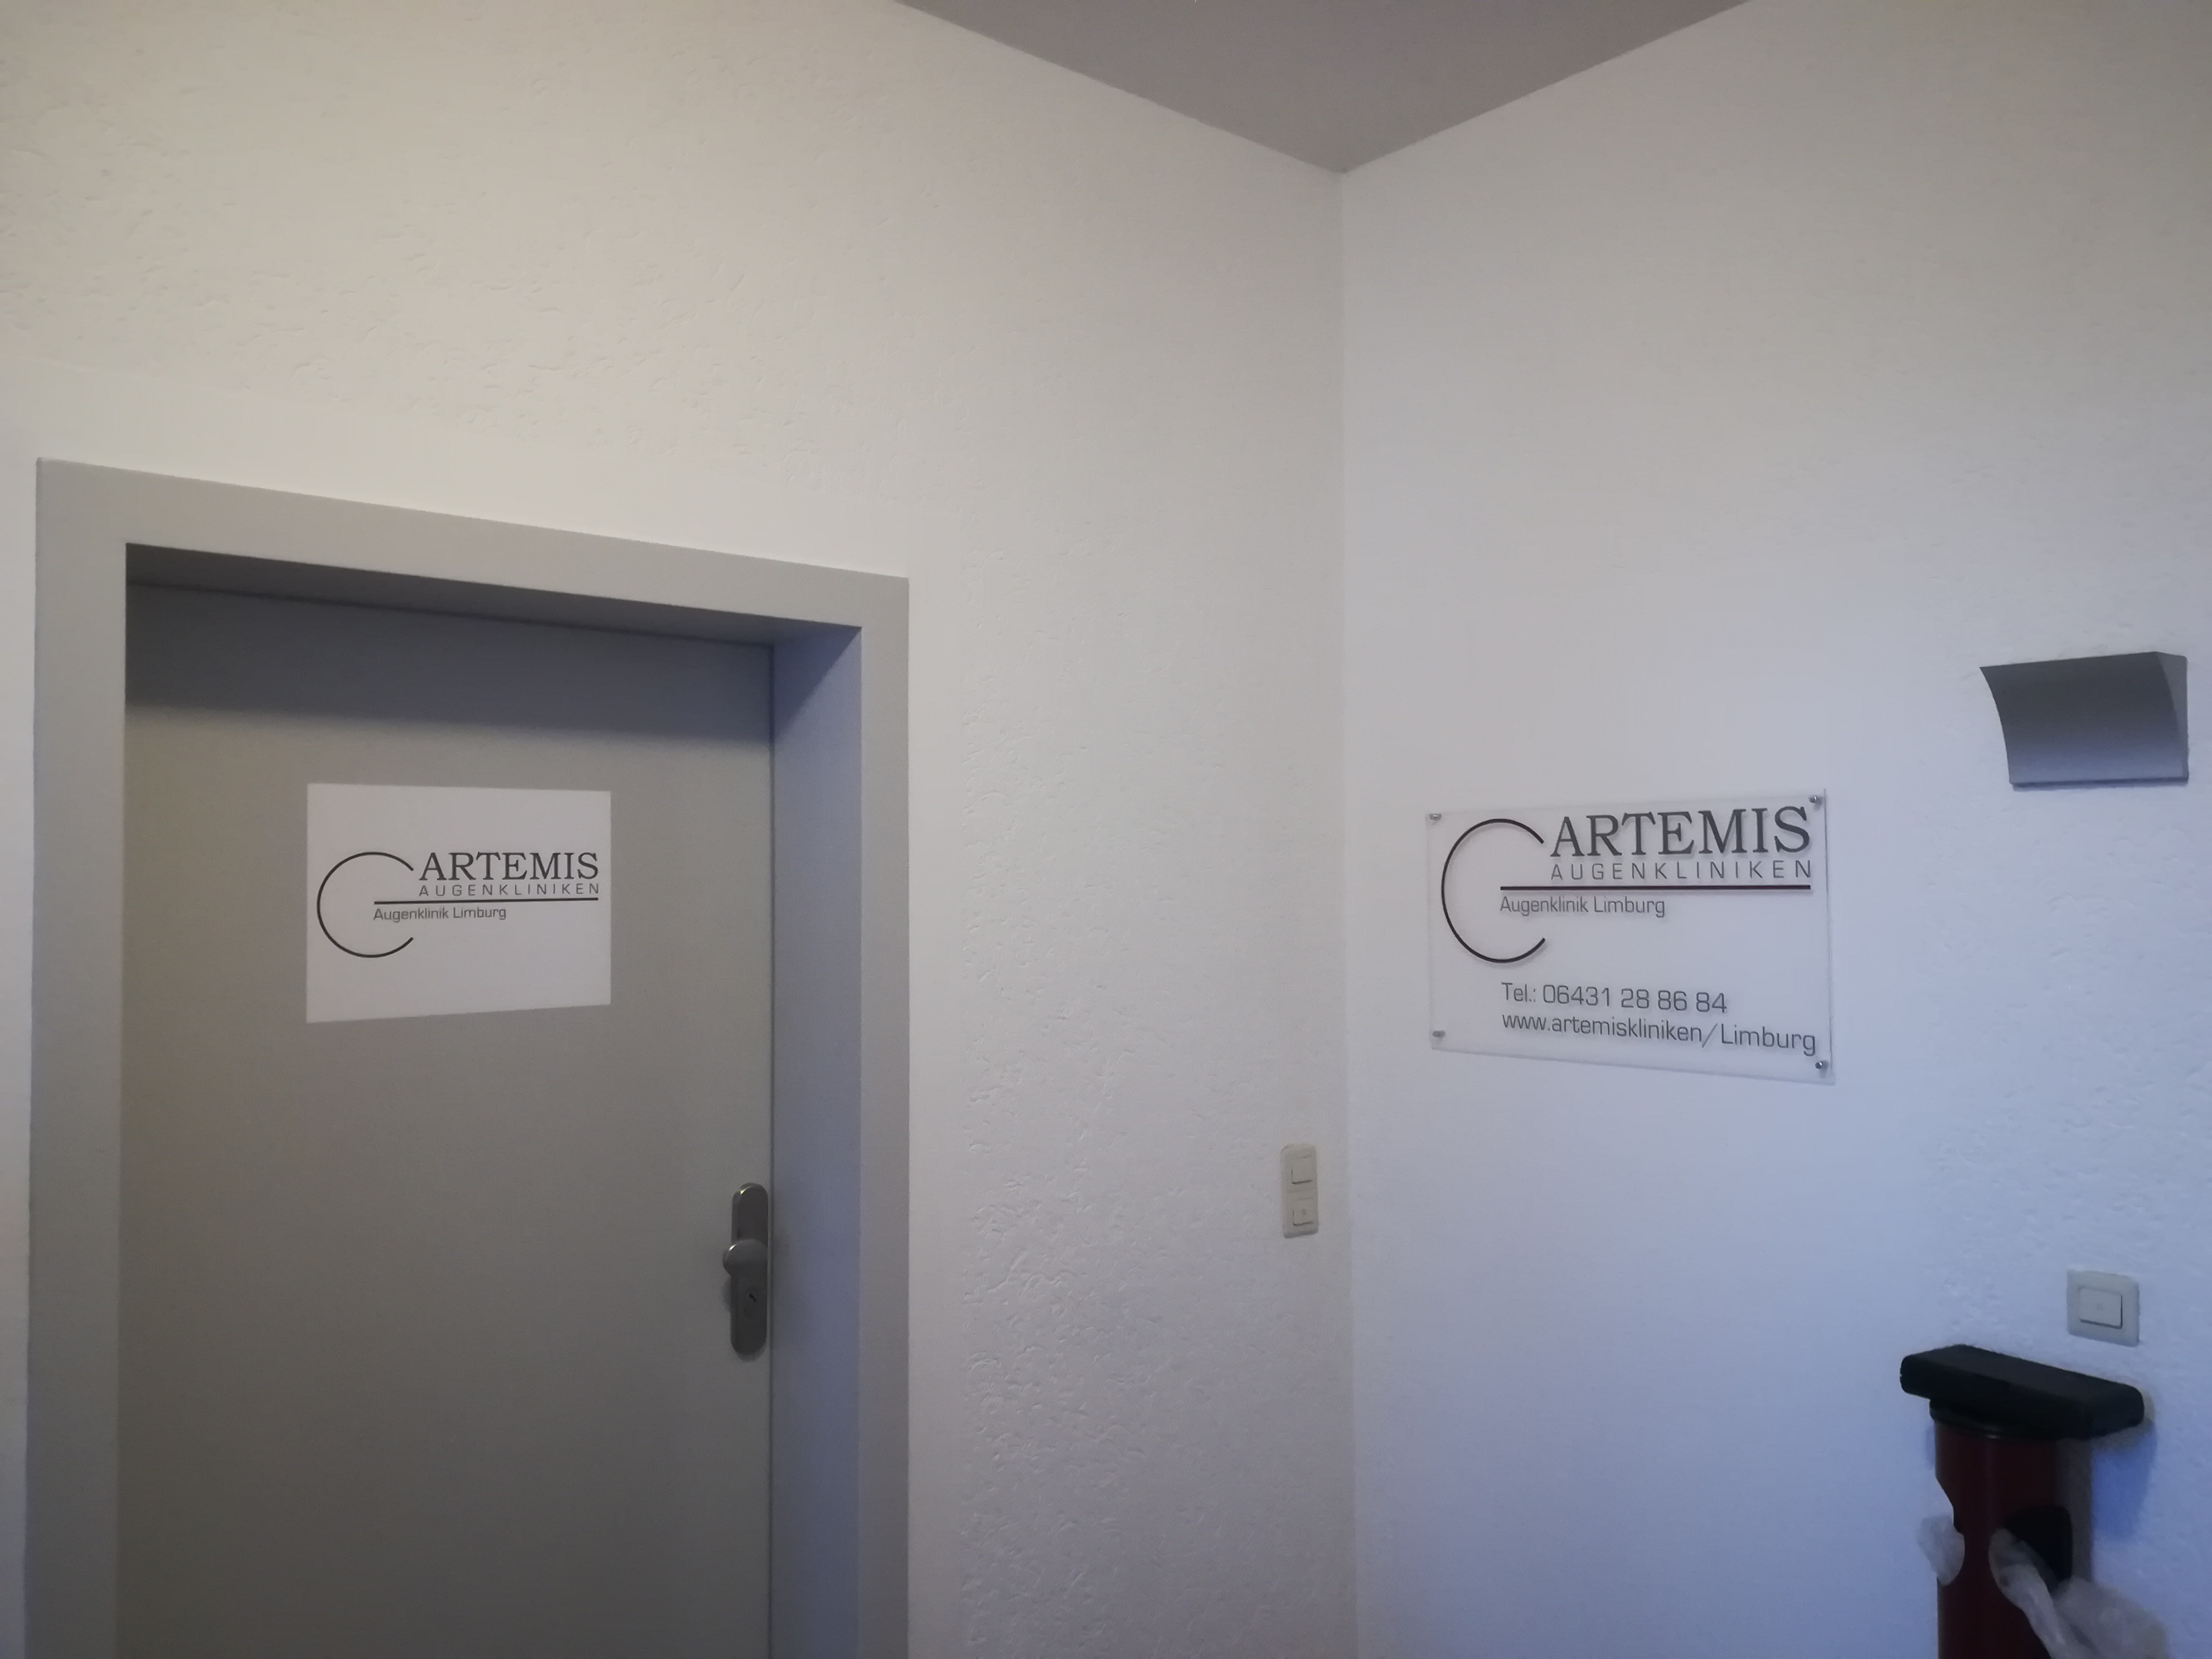 ARTEMIS Augenkliniken Limburg Neumarkt Obergeschoss